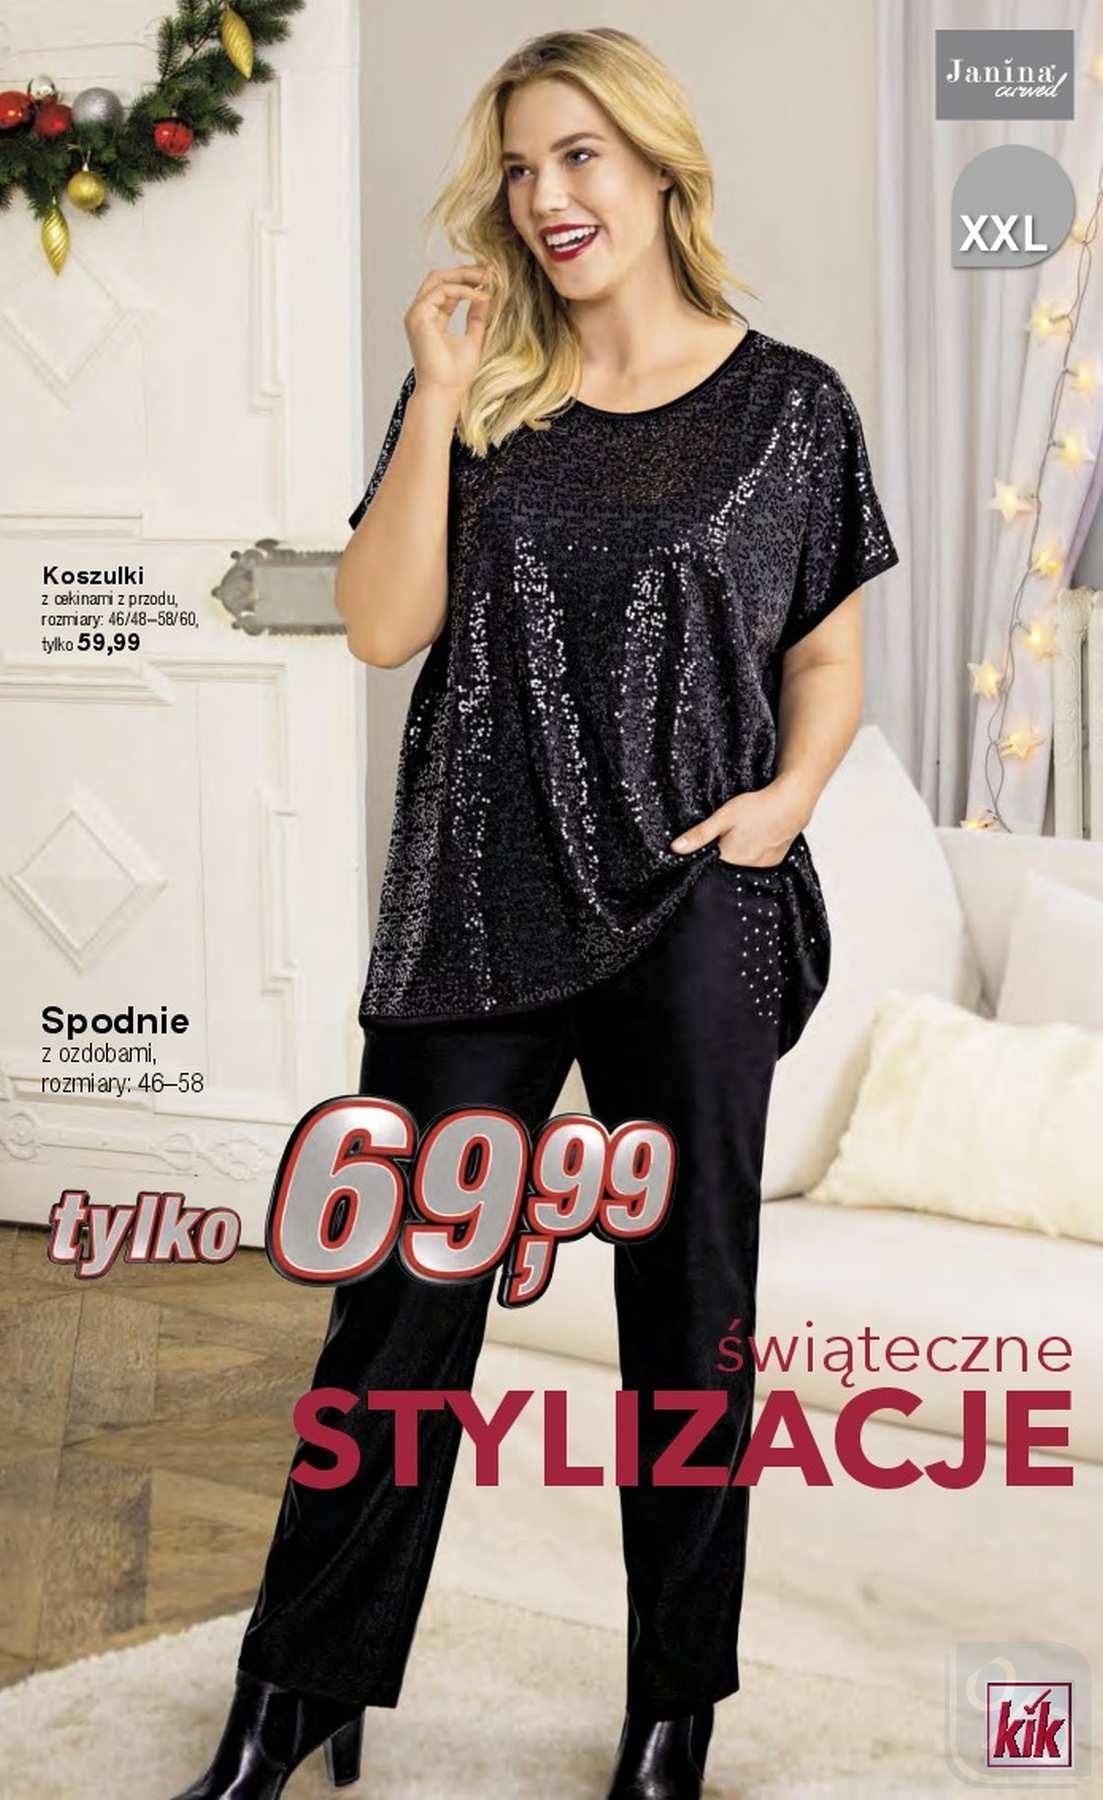 Gazetka promocyjna KiK do 06/01/2019 str.6